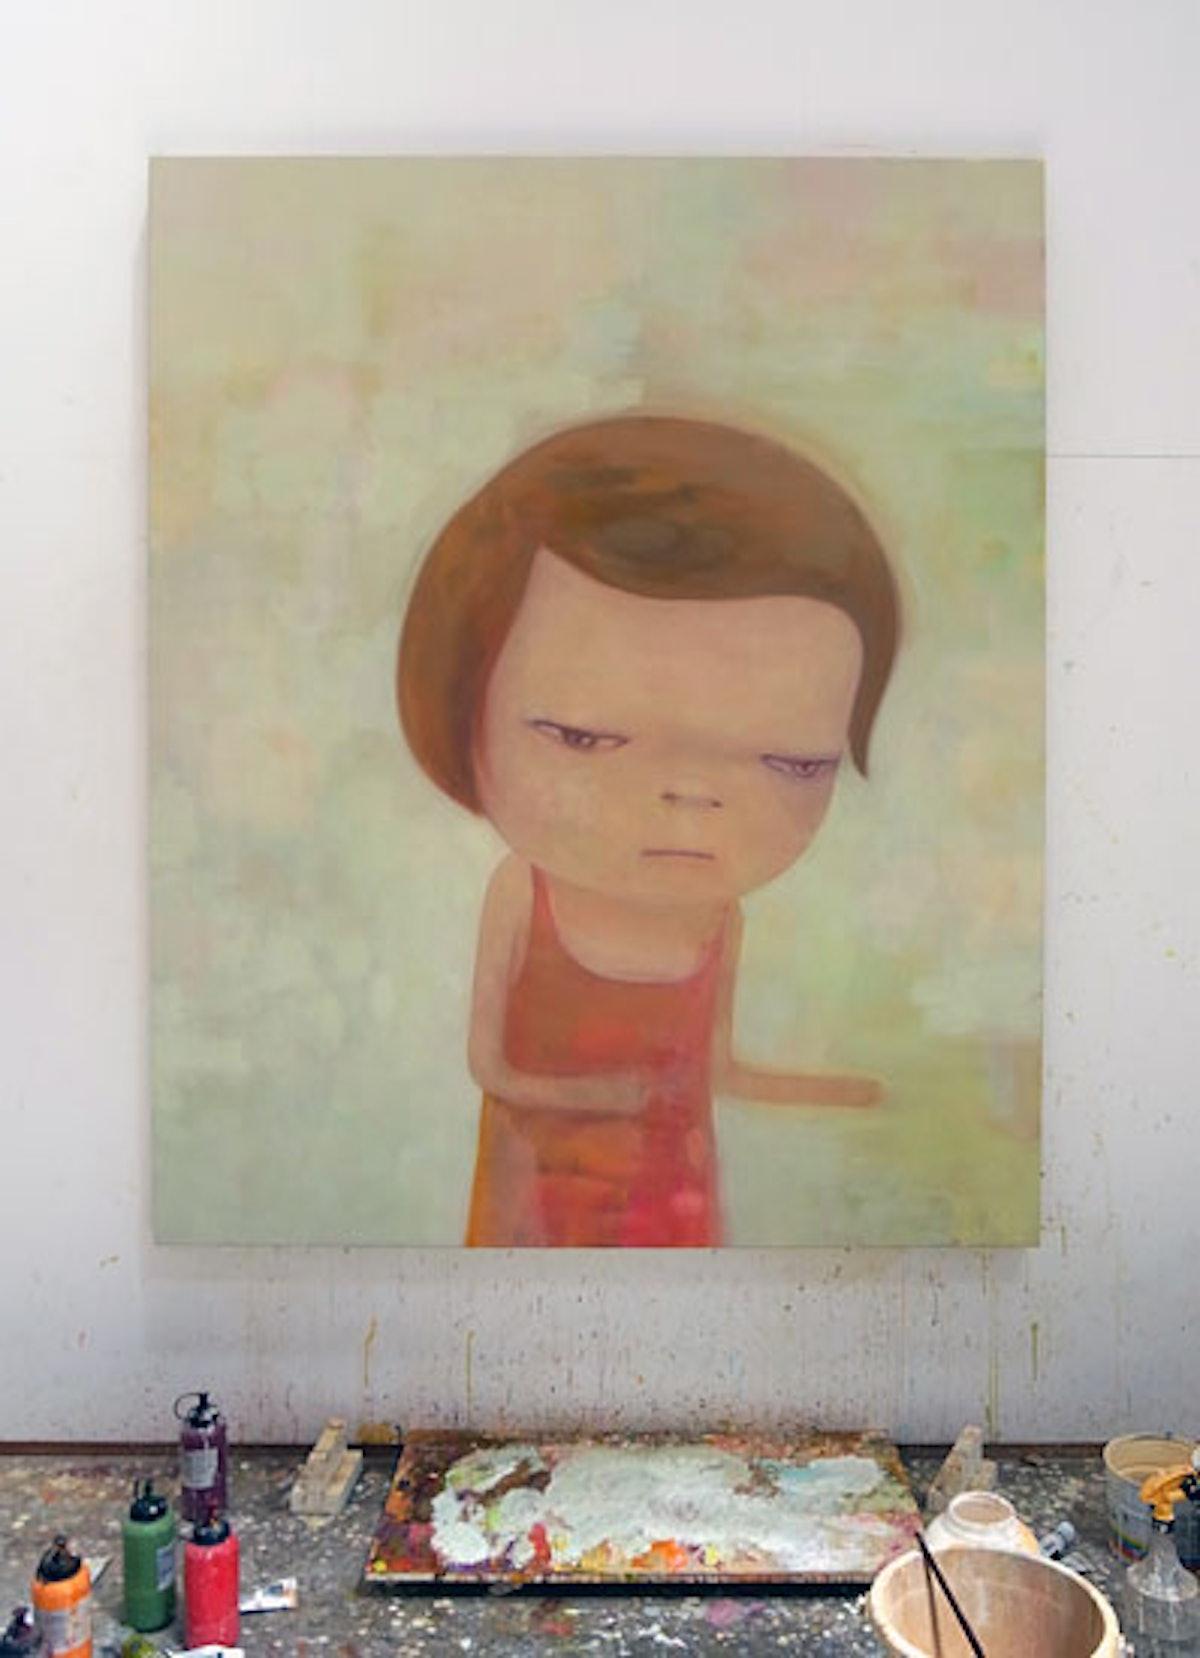 arss-yoshitomo-nara-japanese-artist-07-v.jpg